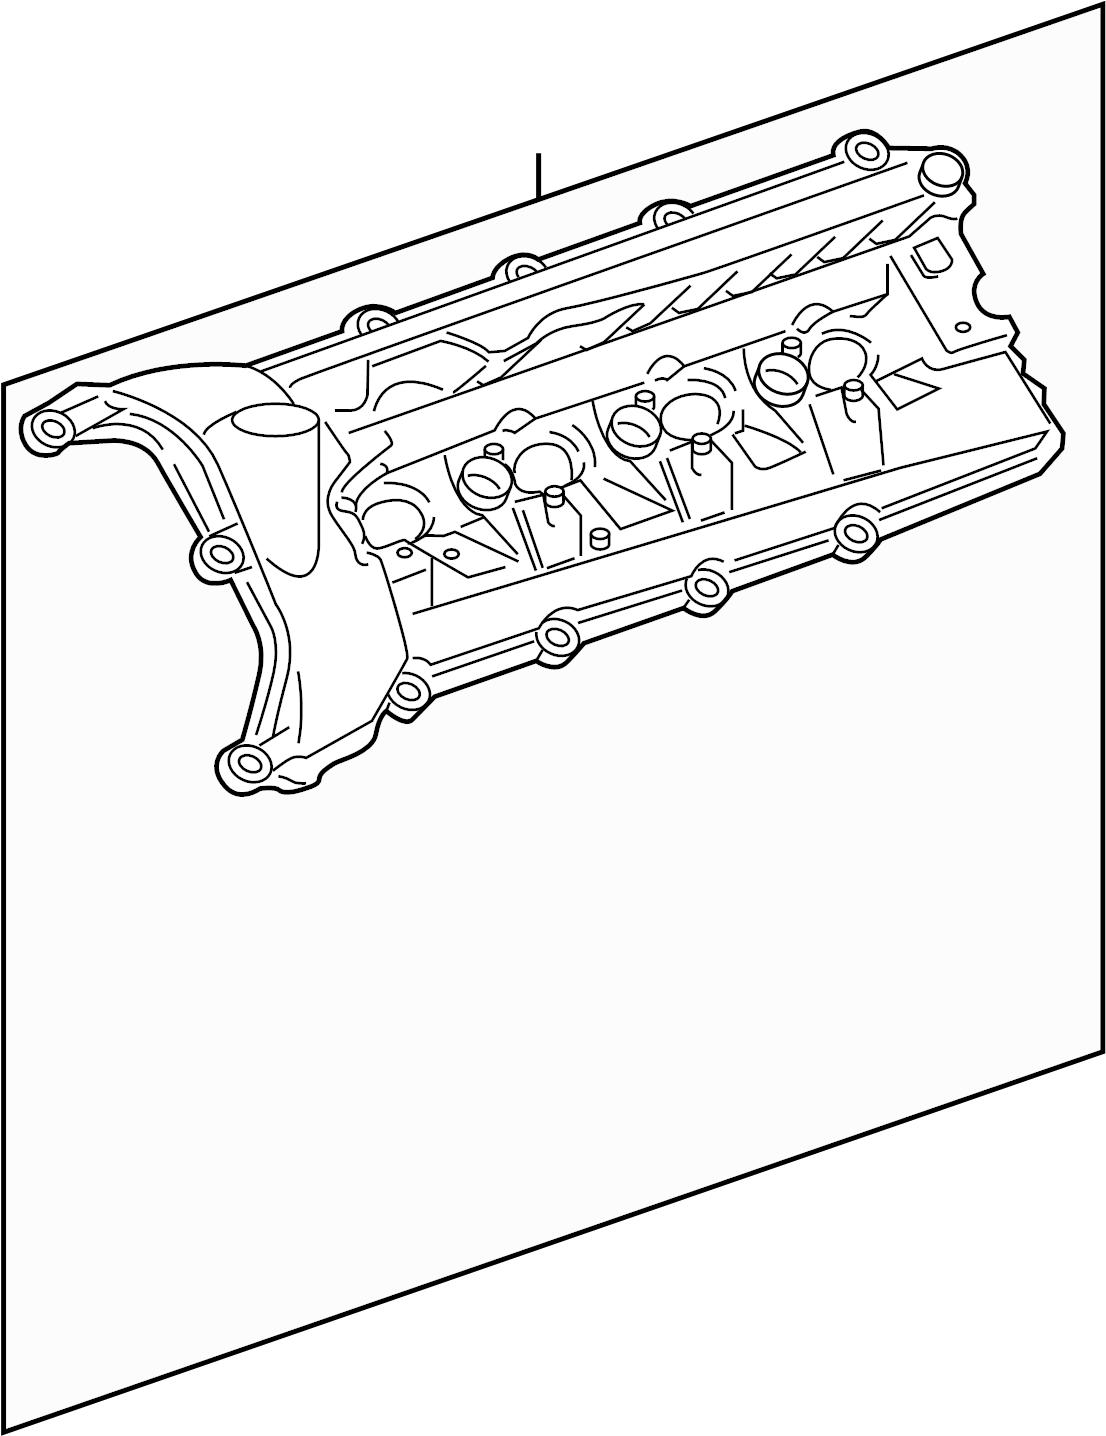 Jaguar 2 Liter Sel Engine